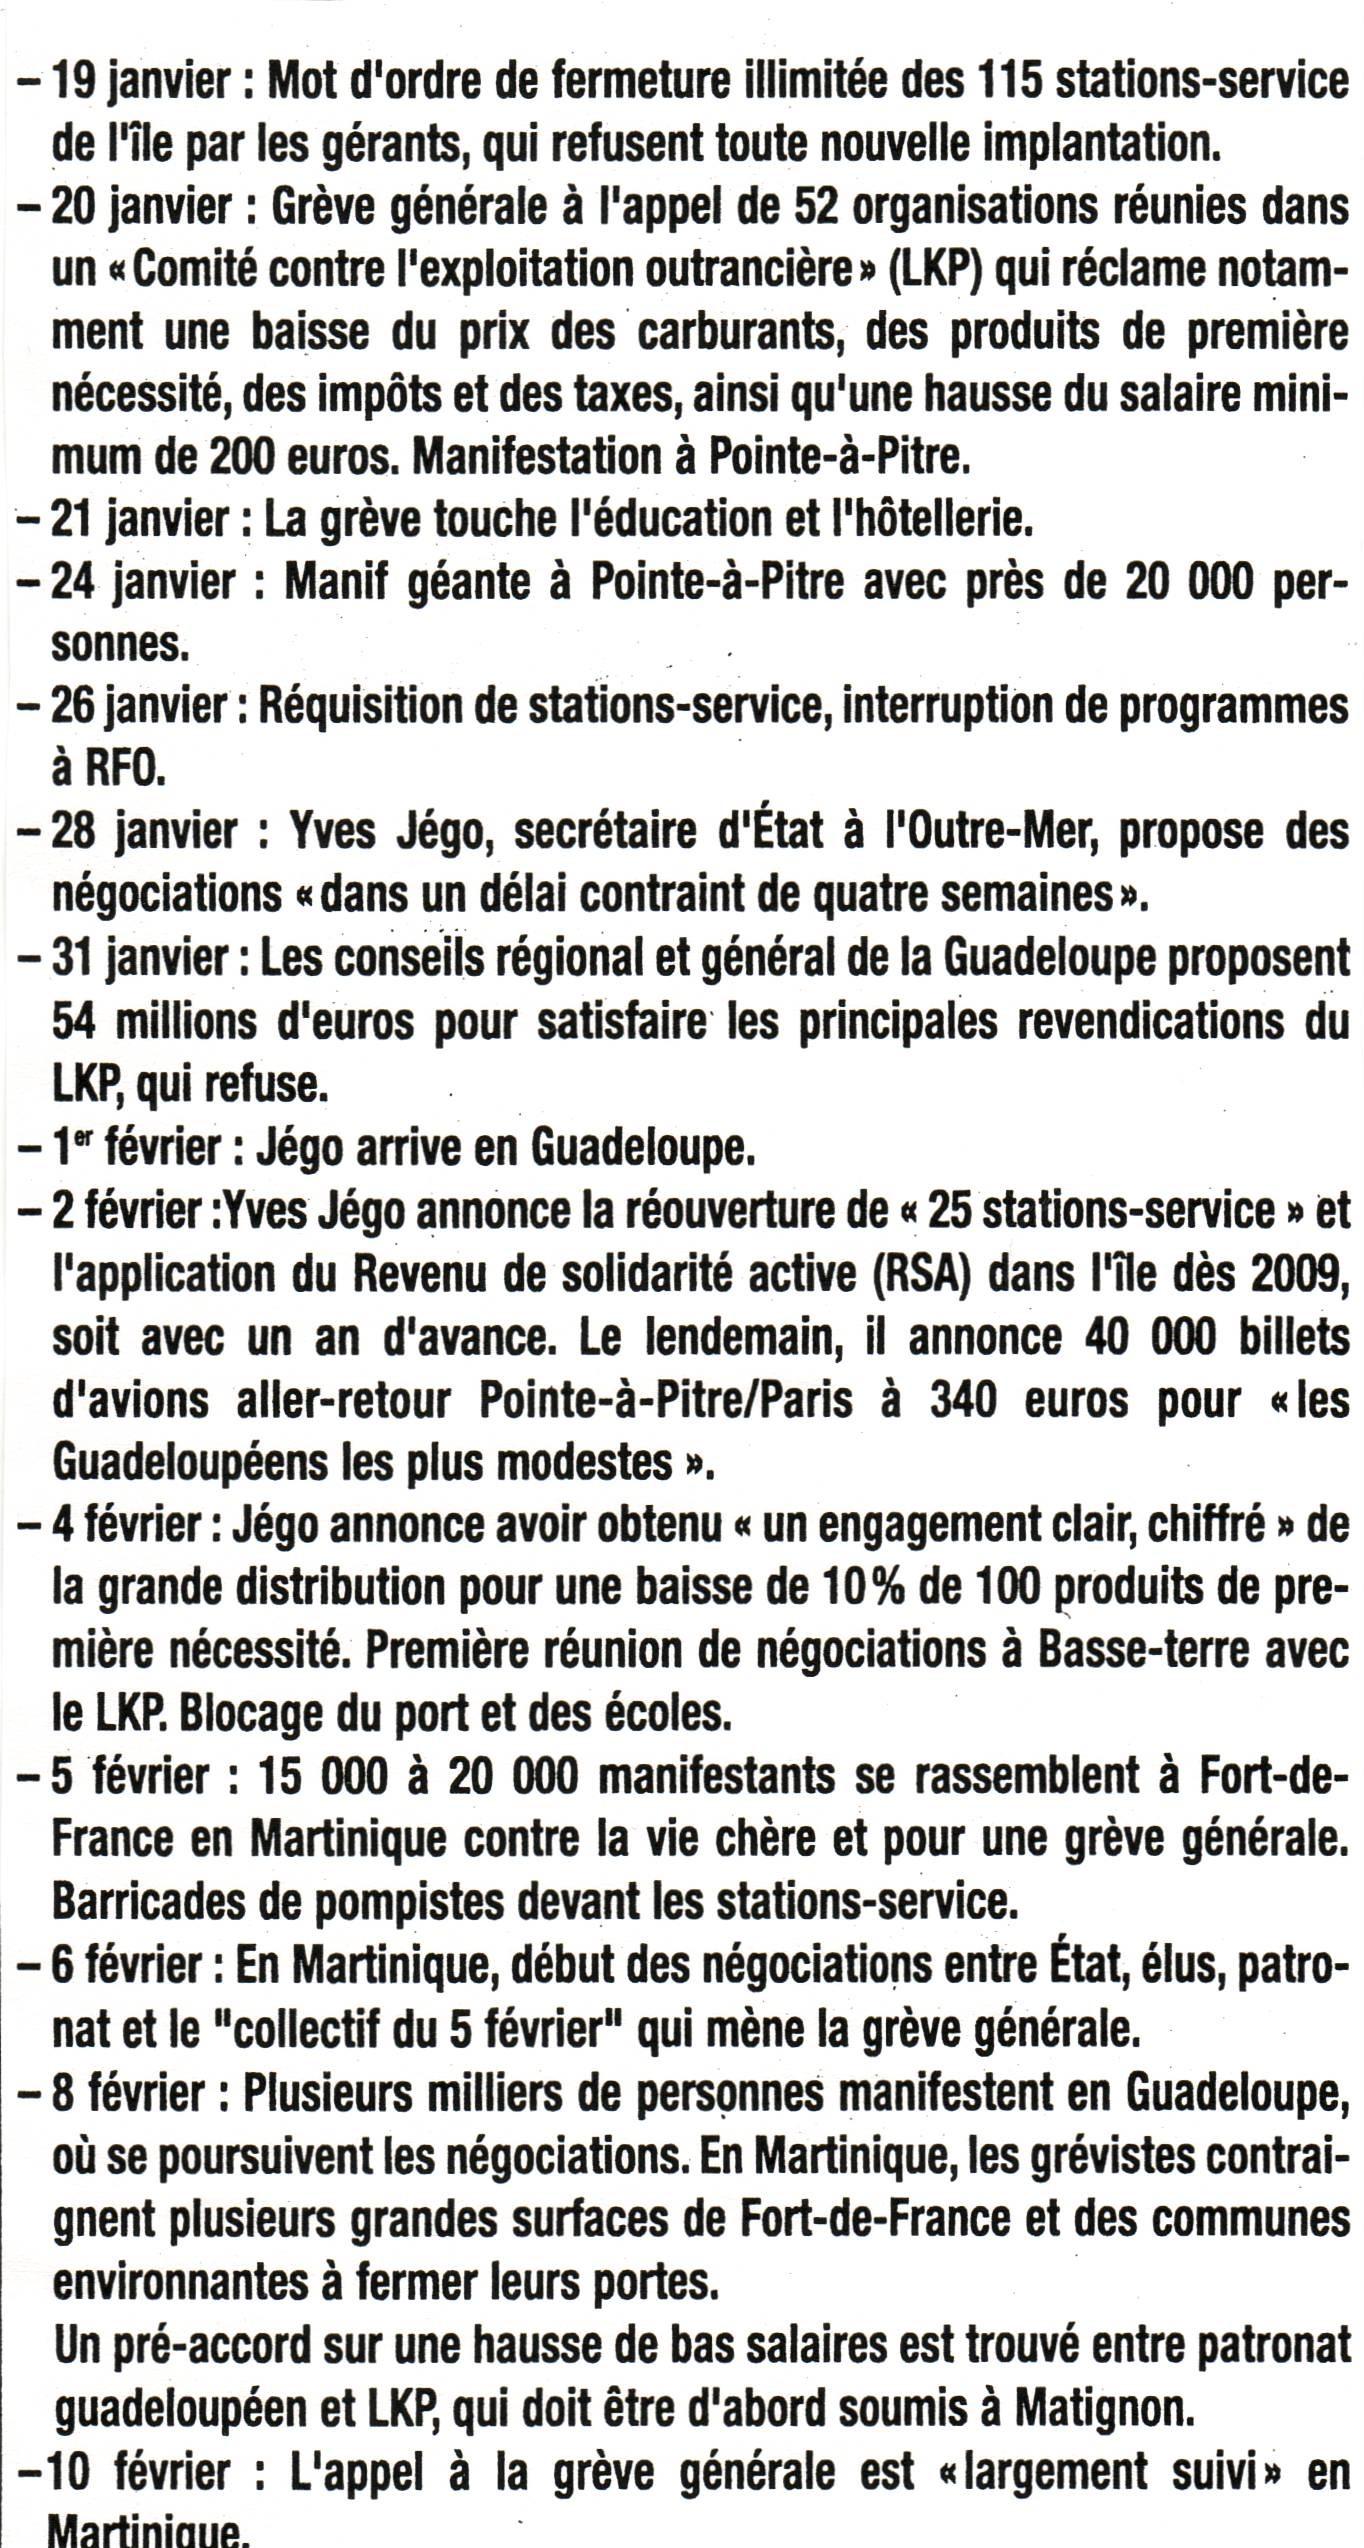 Chronologie mouvement social Guadeloupe - Martinique